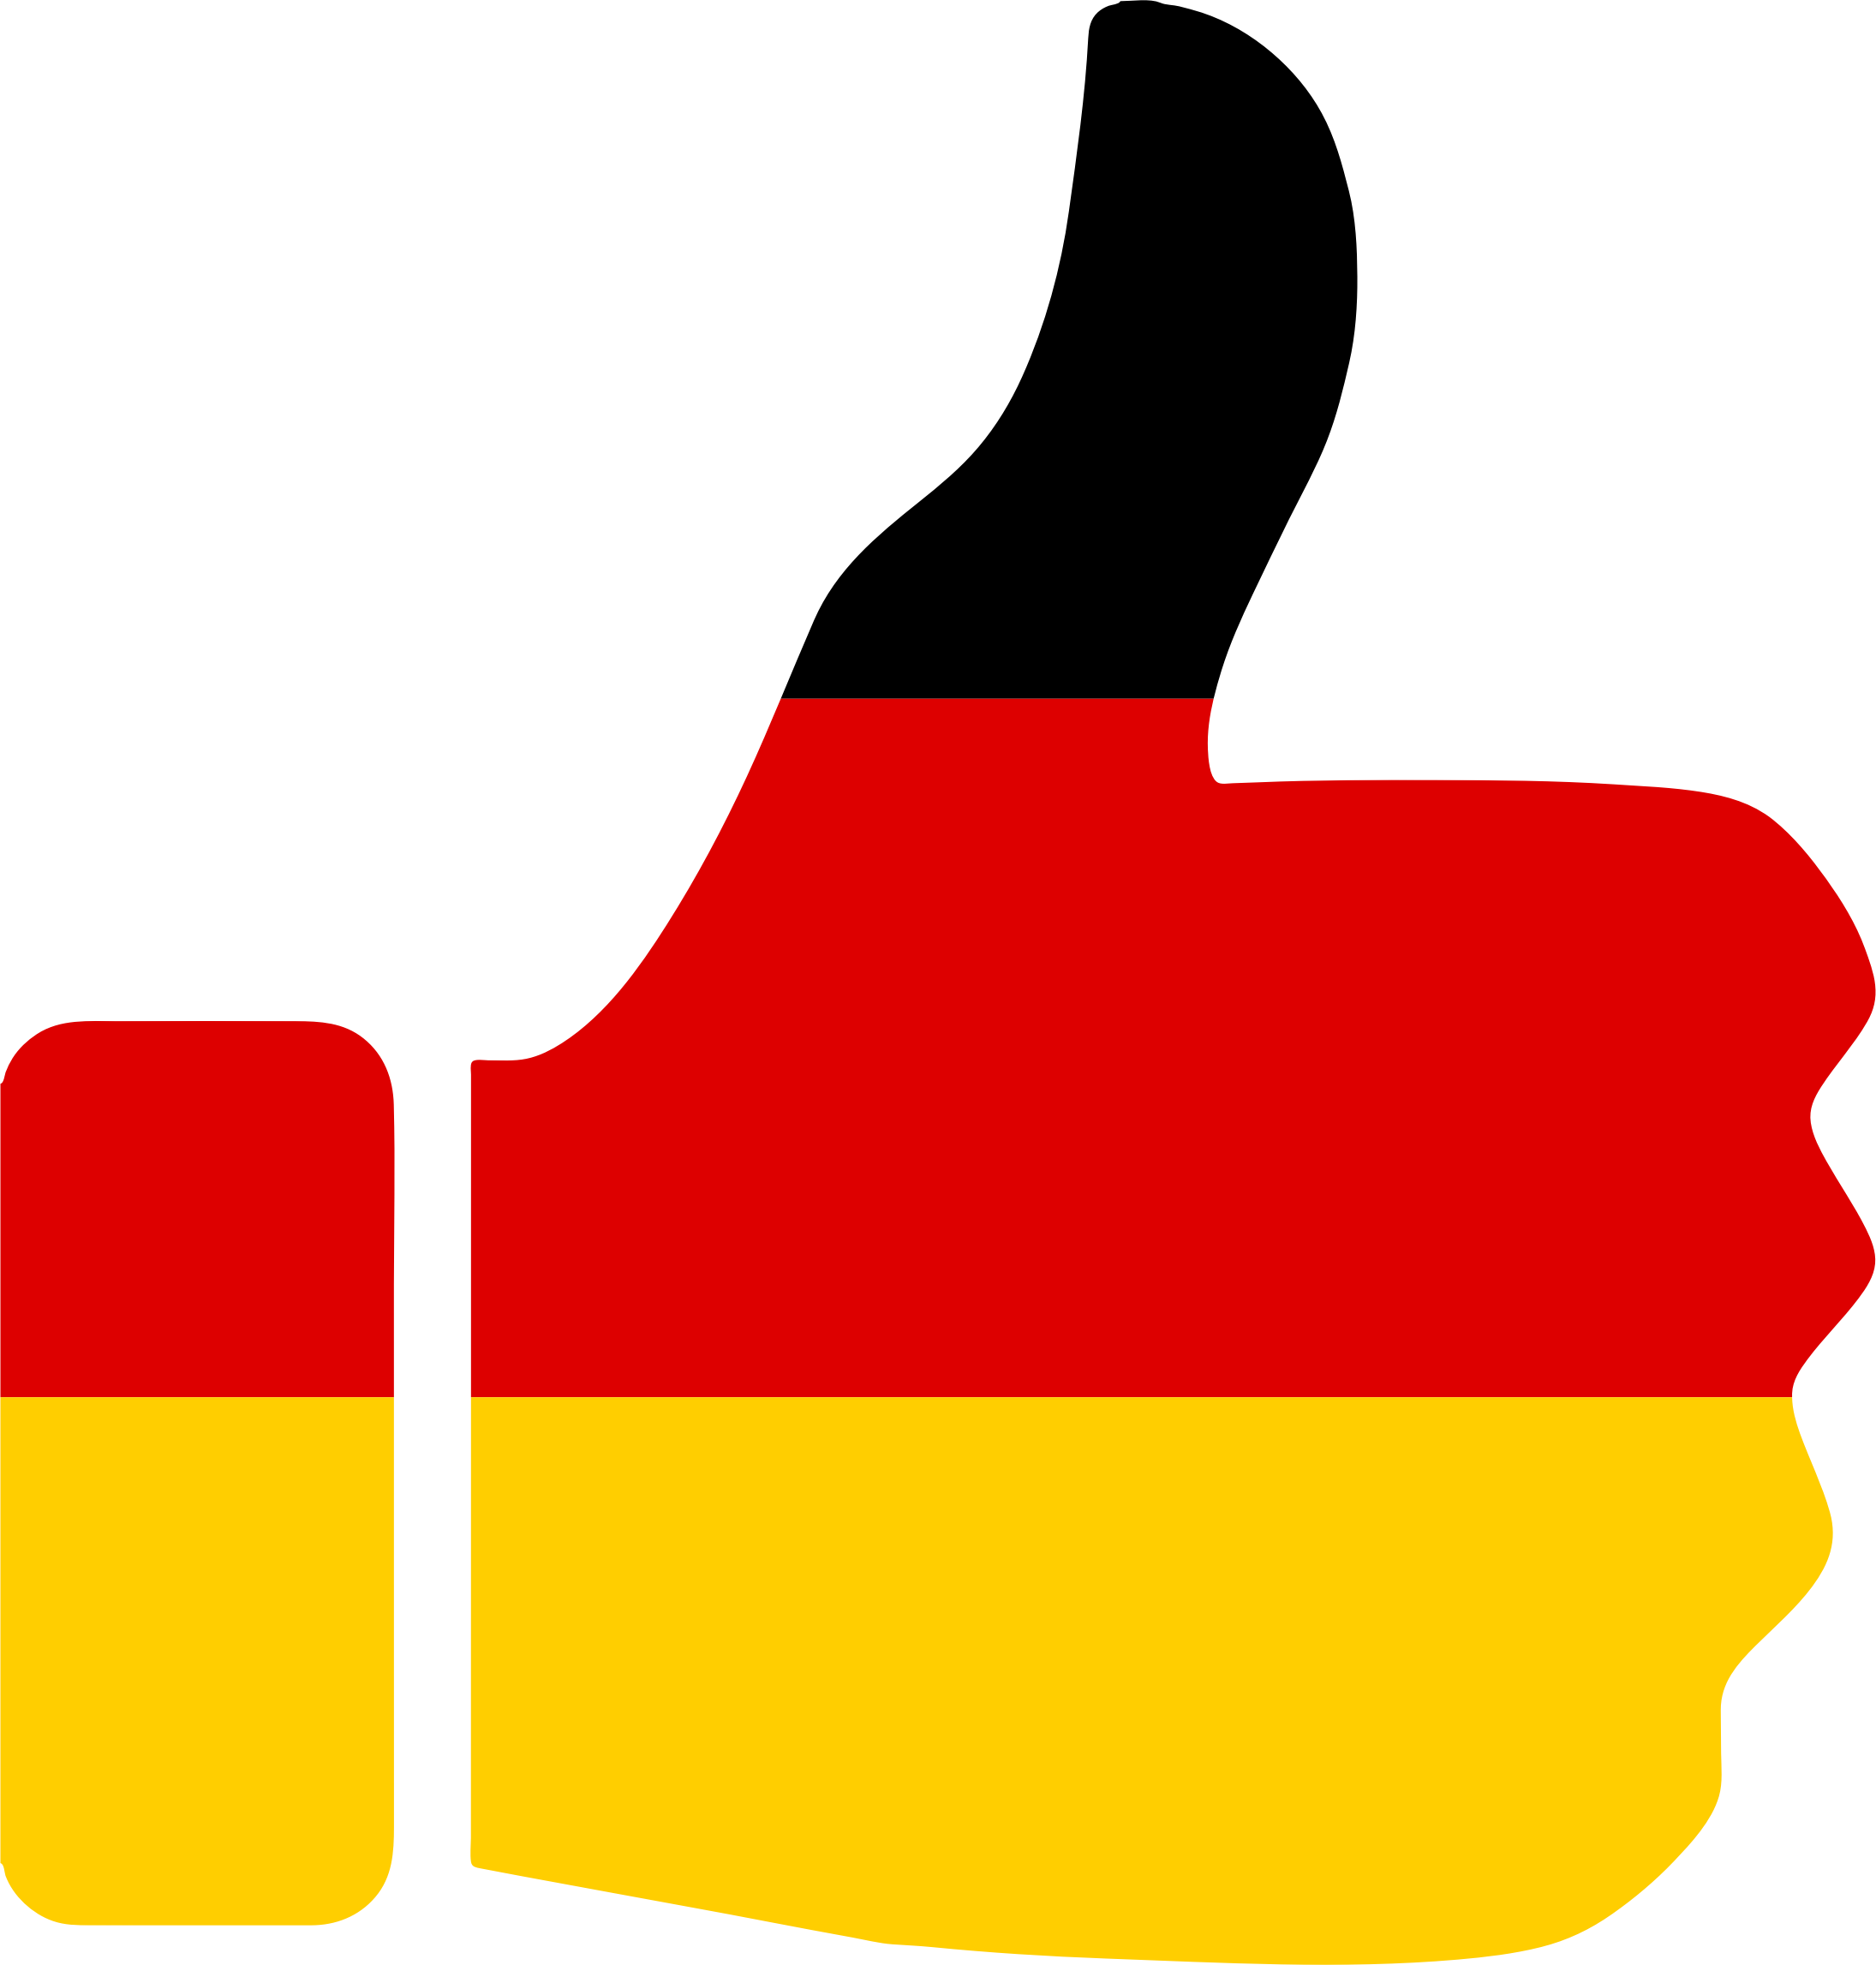 Vận chuyển hàng hóa kính mắt từ Việt Nam đi Đức nhanh chóng, đảm bảo